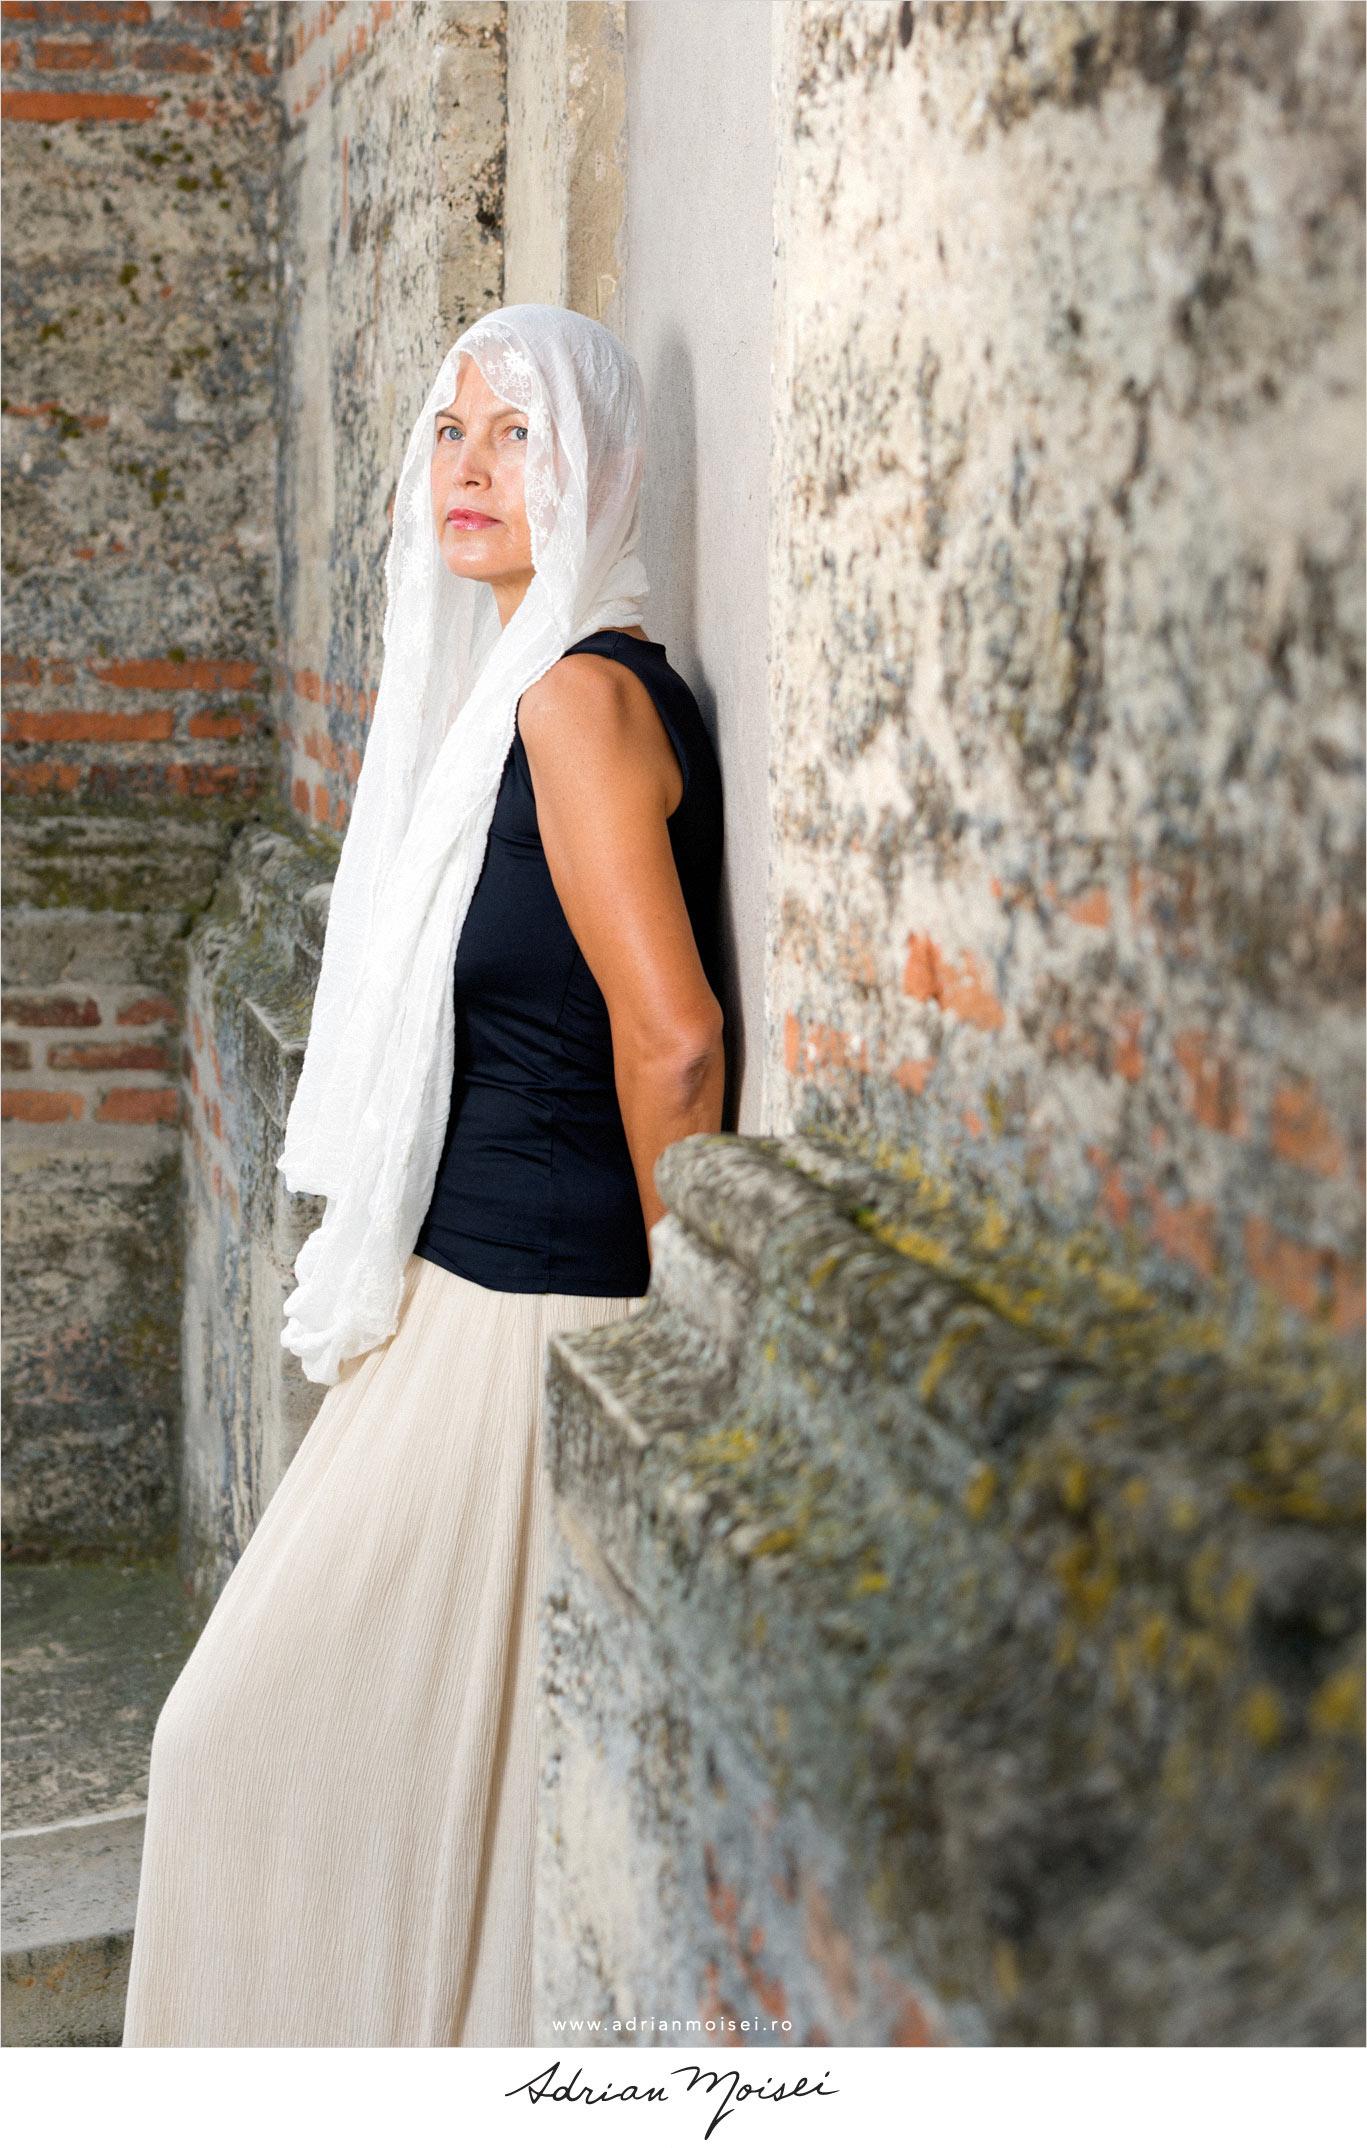 Fotografie de fashion cu o doamna deosebită, fotografie în natură